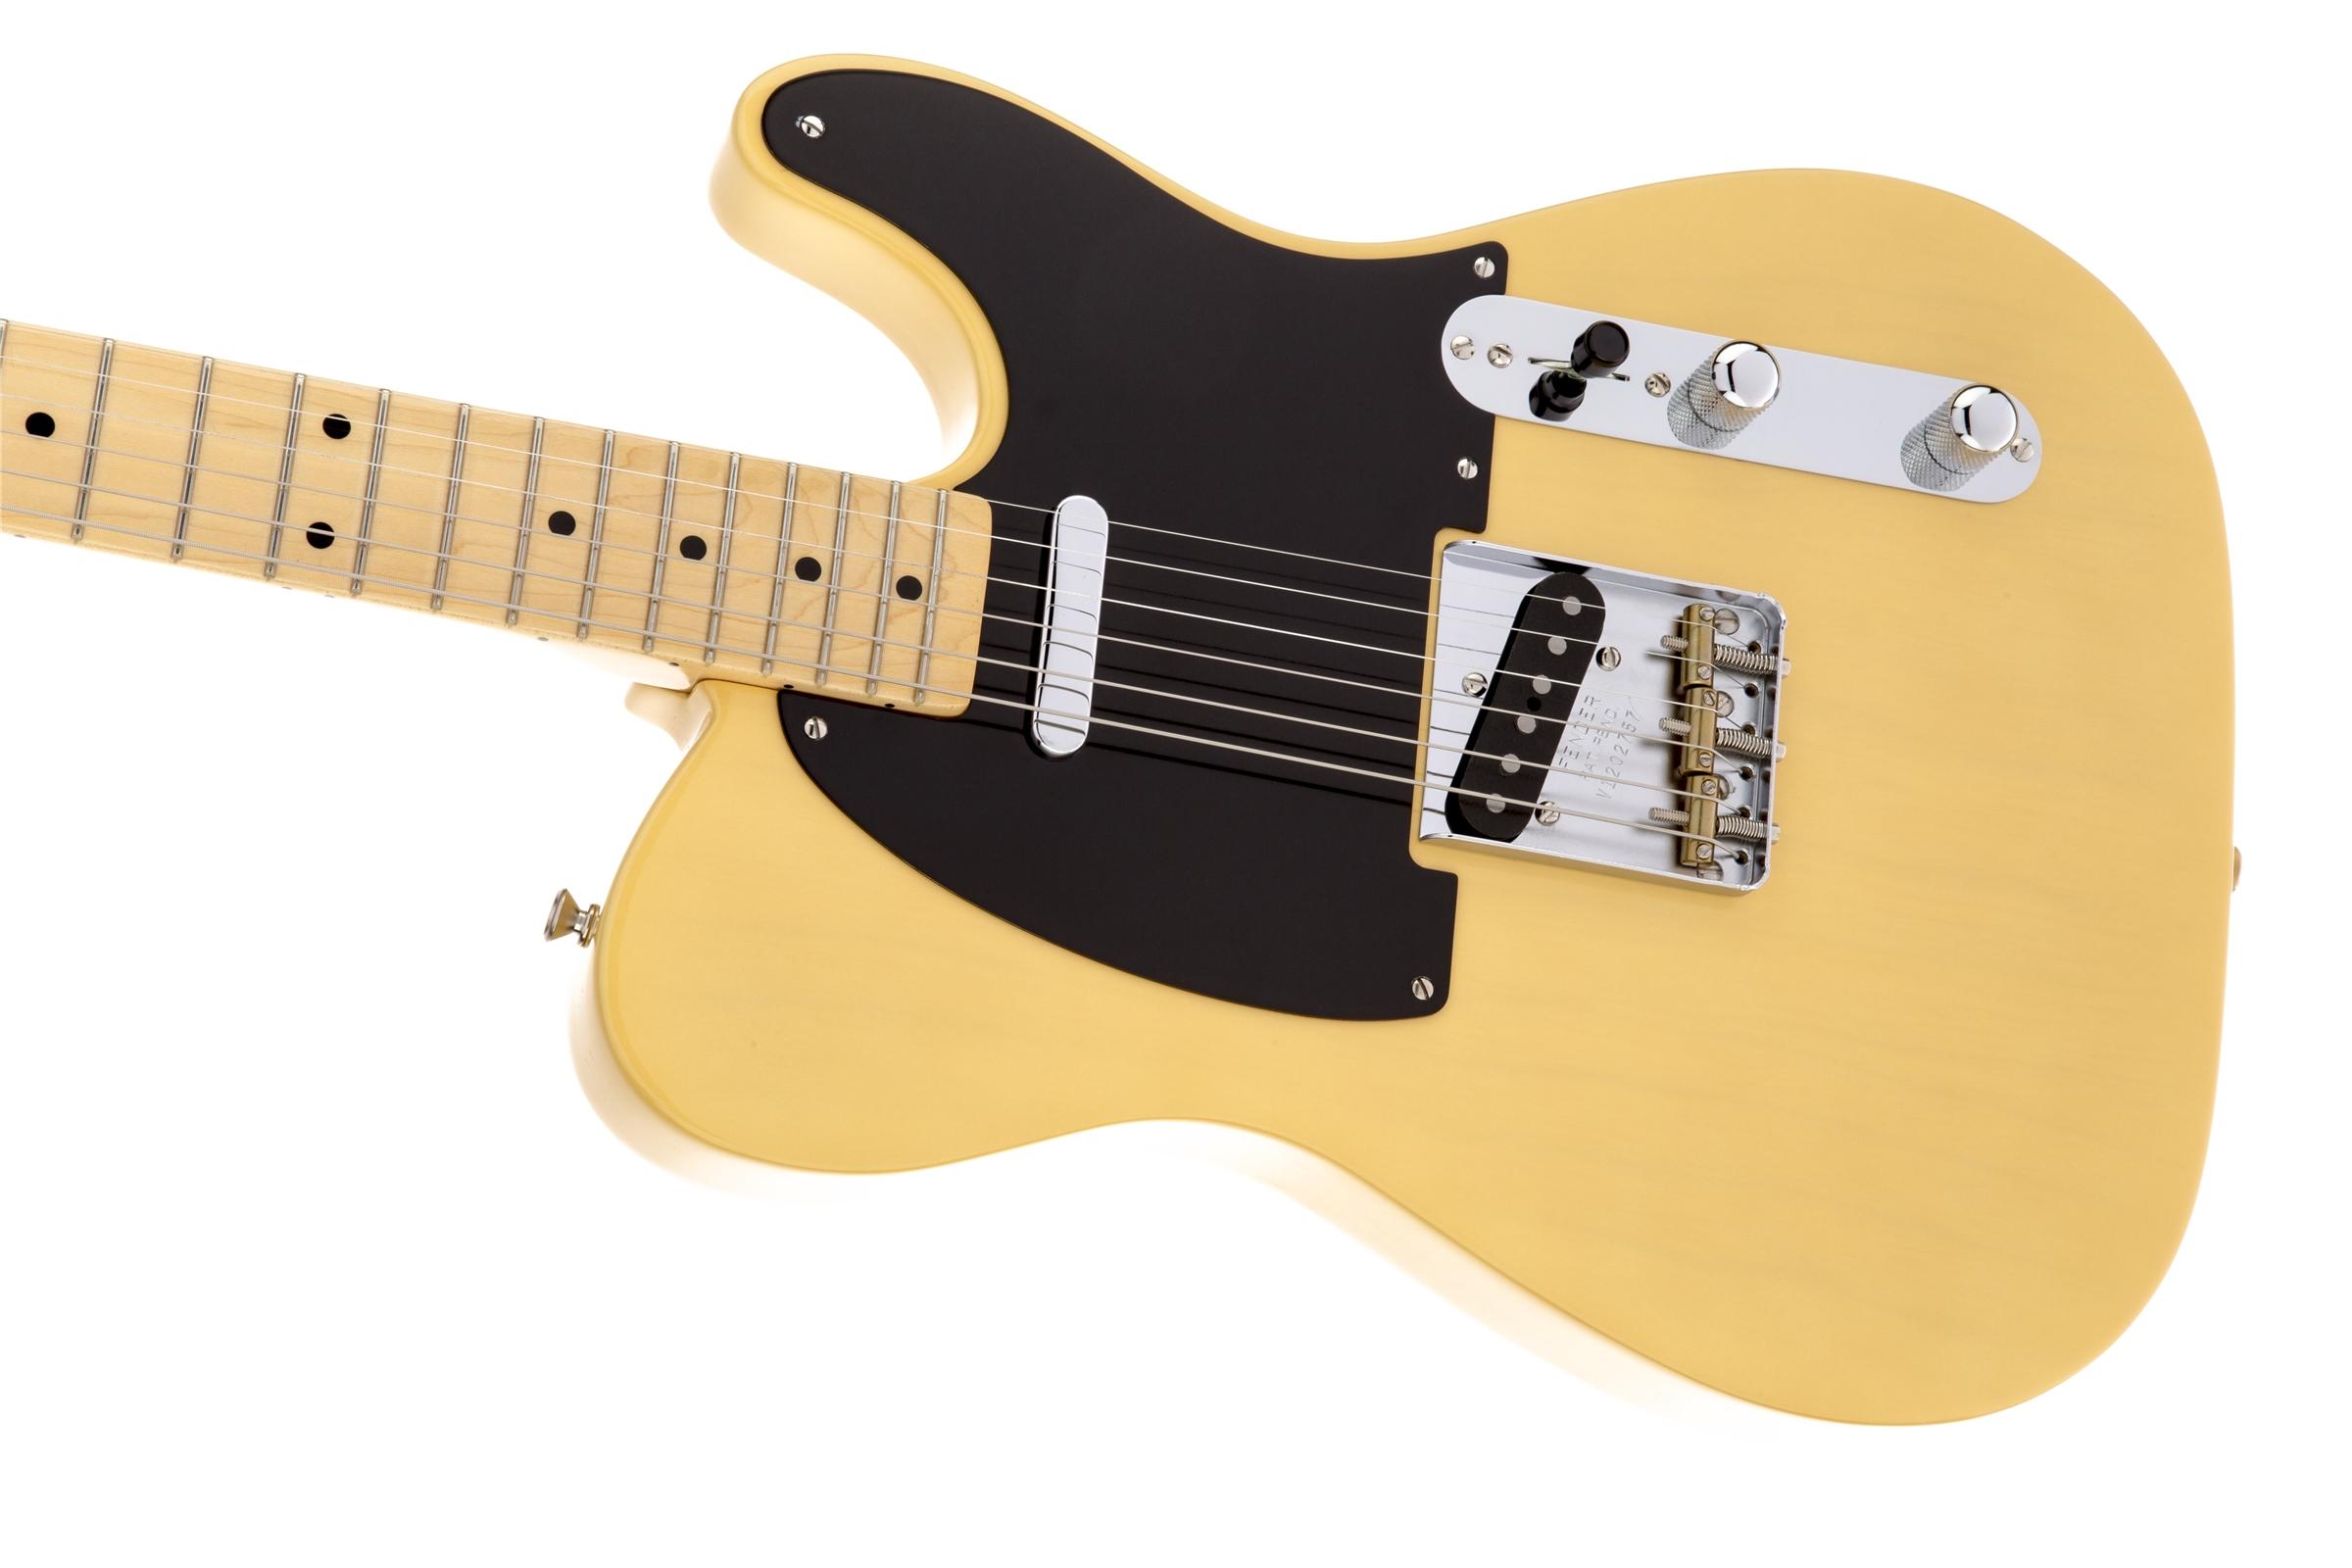 american vintage 39 52 telecaster fender electric guitars. Black Bedroom Furniture Sets. Home Design Ideas